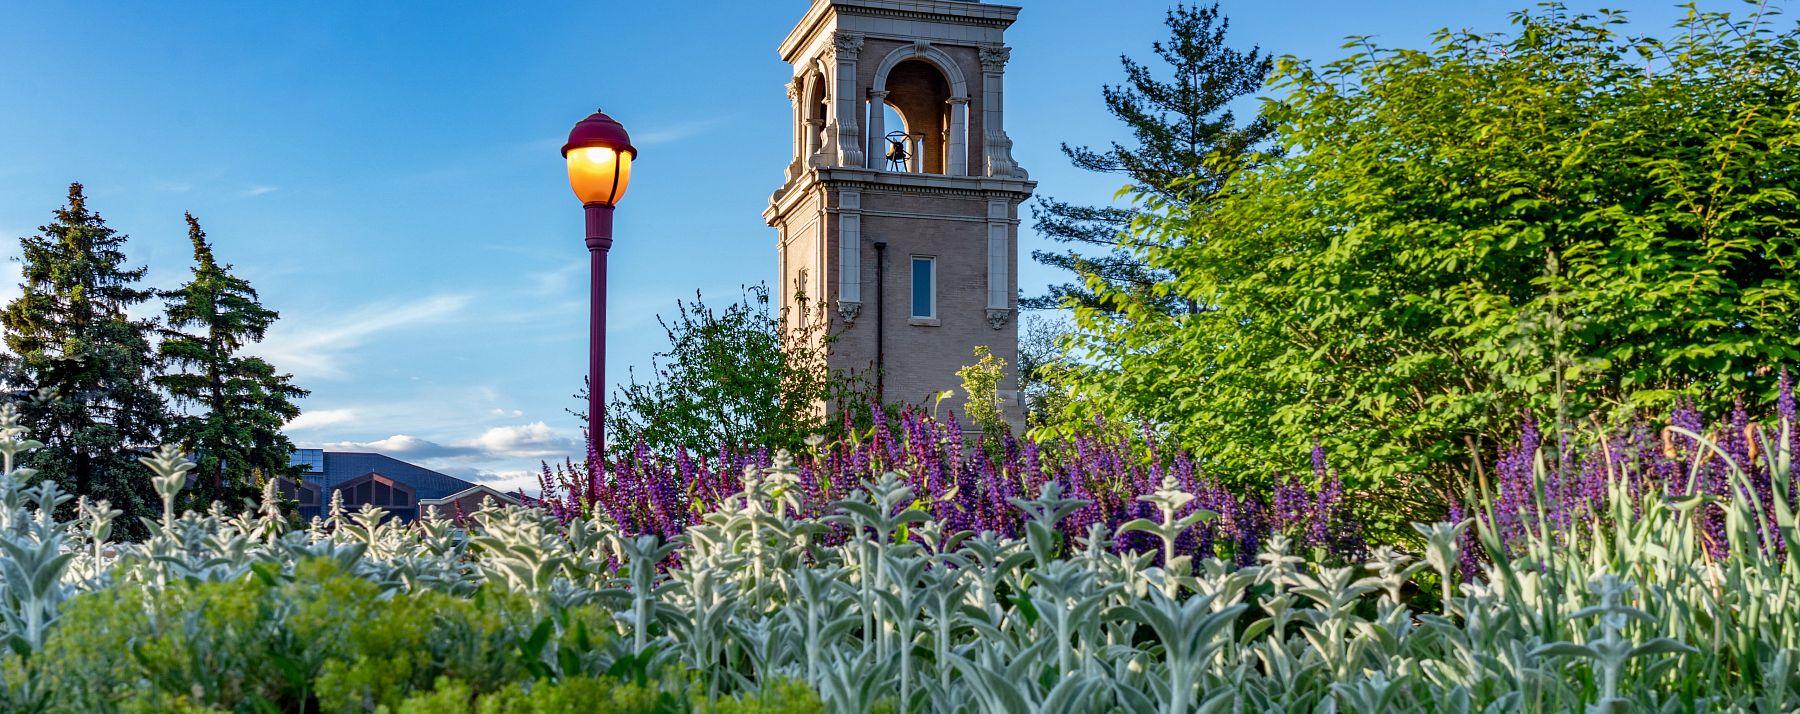 campus scenic image